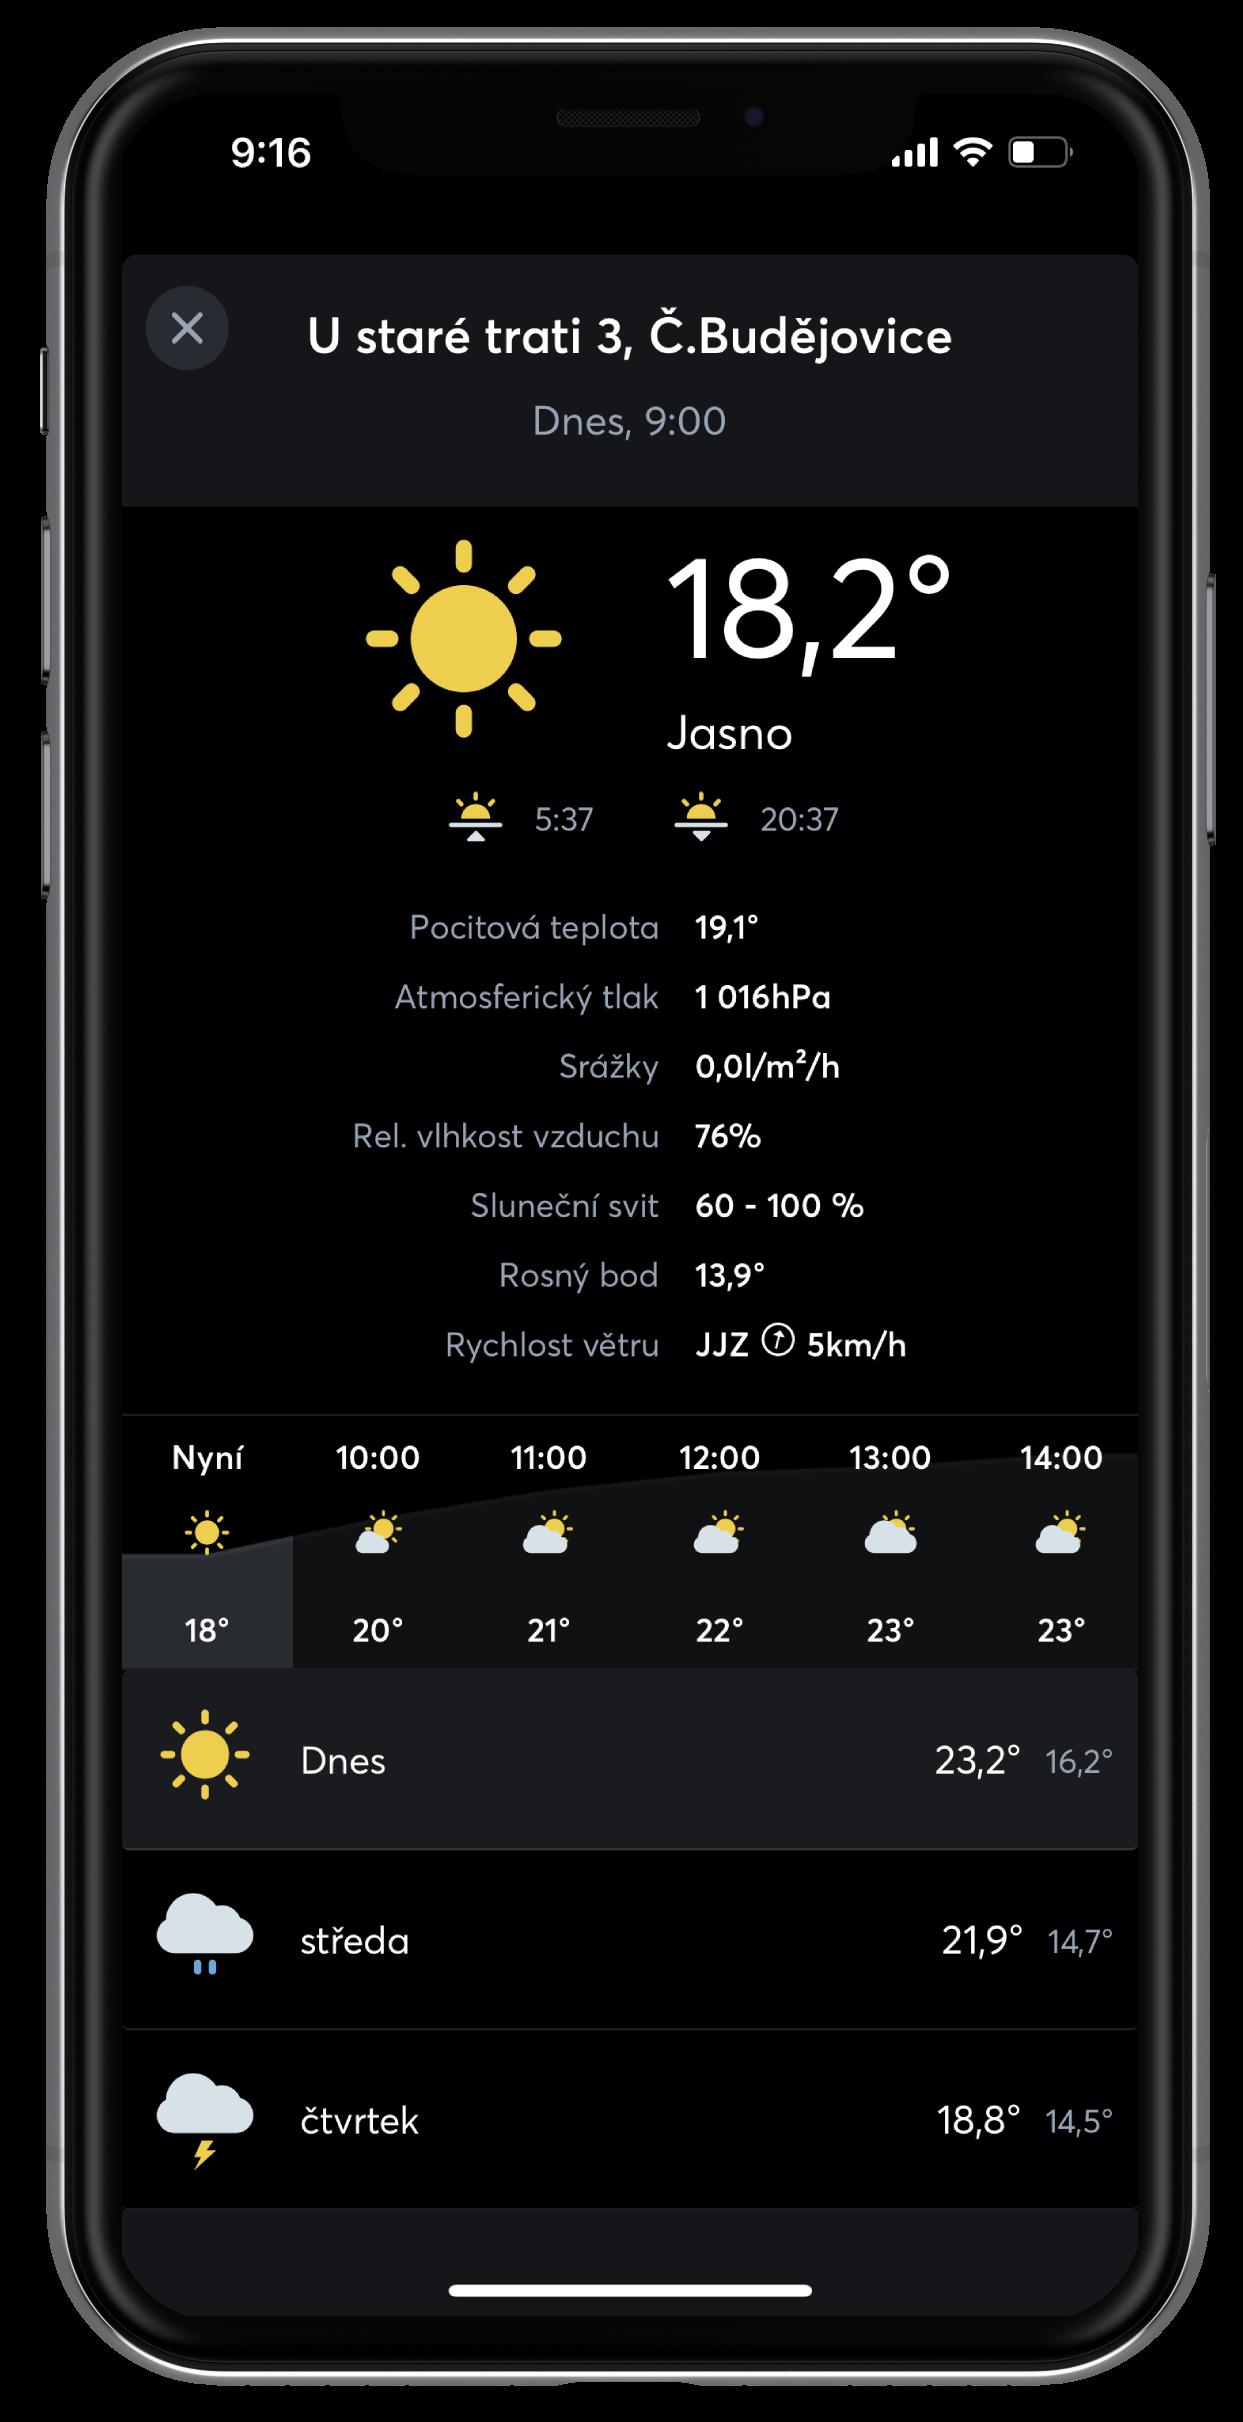 Předpověd počasí pomocí Weather Service